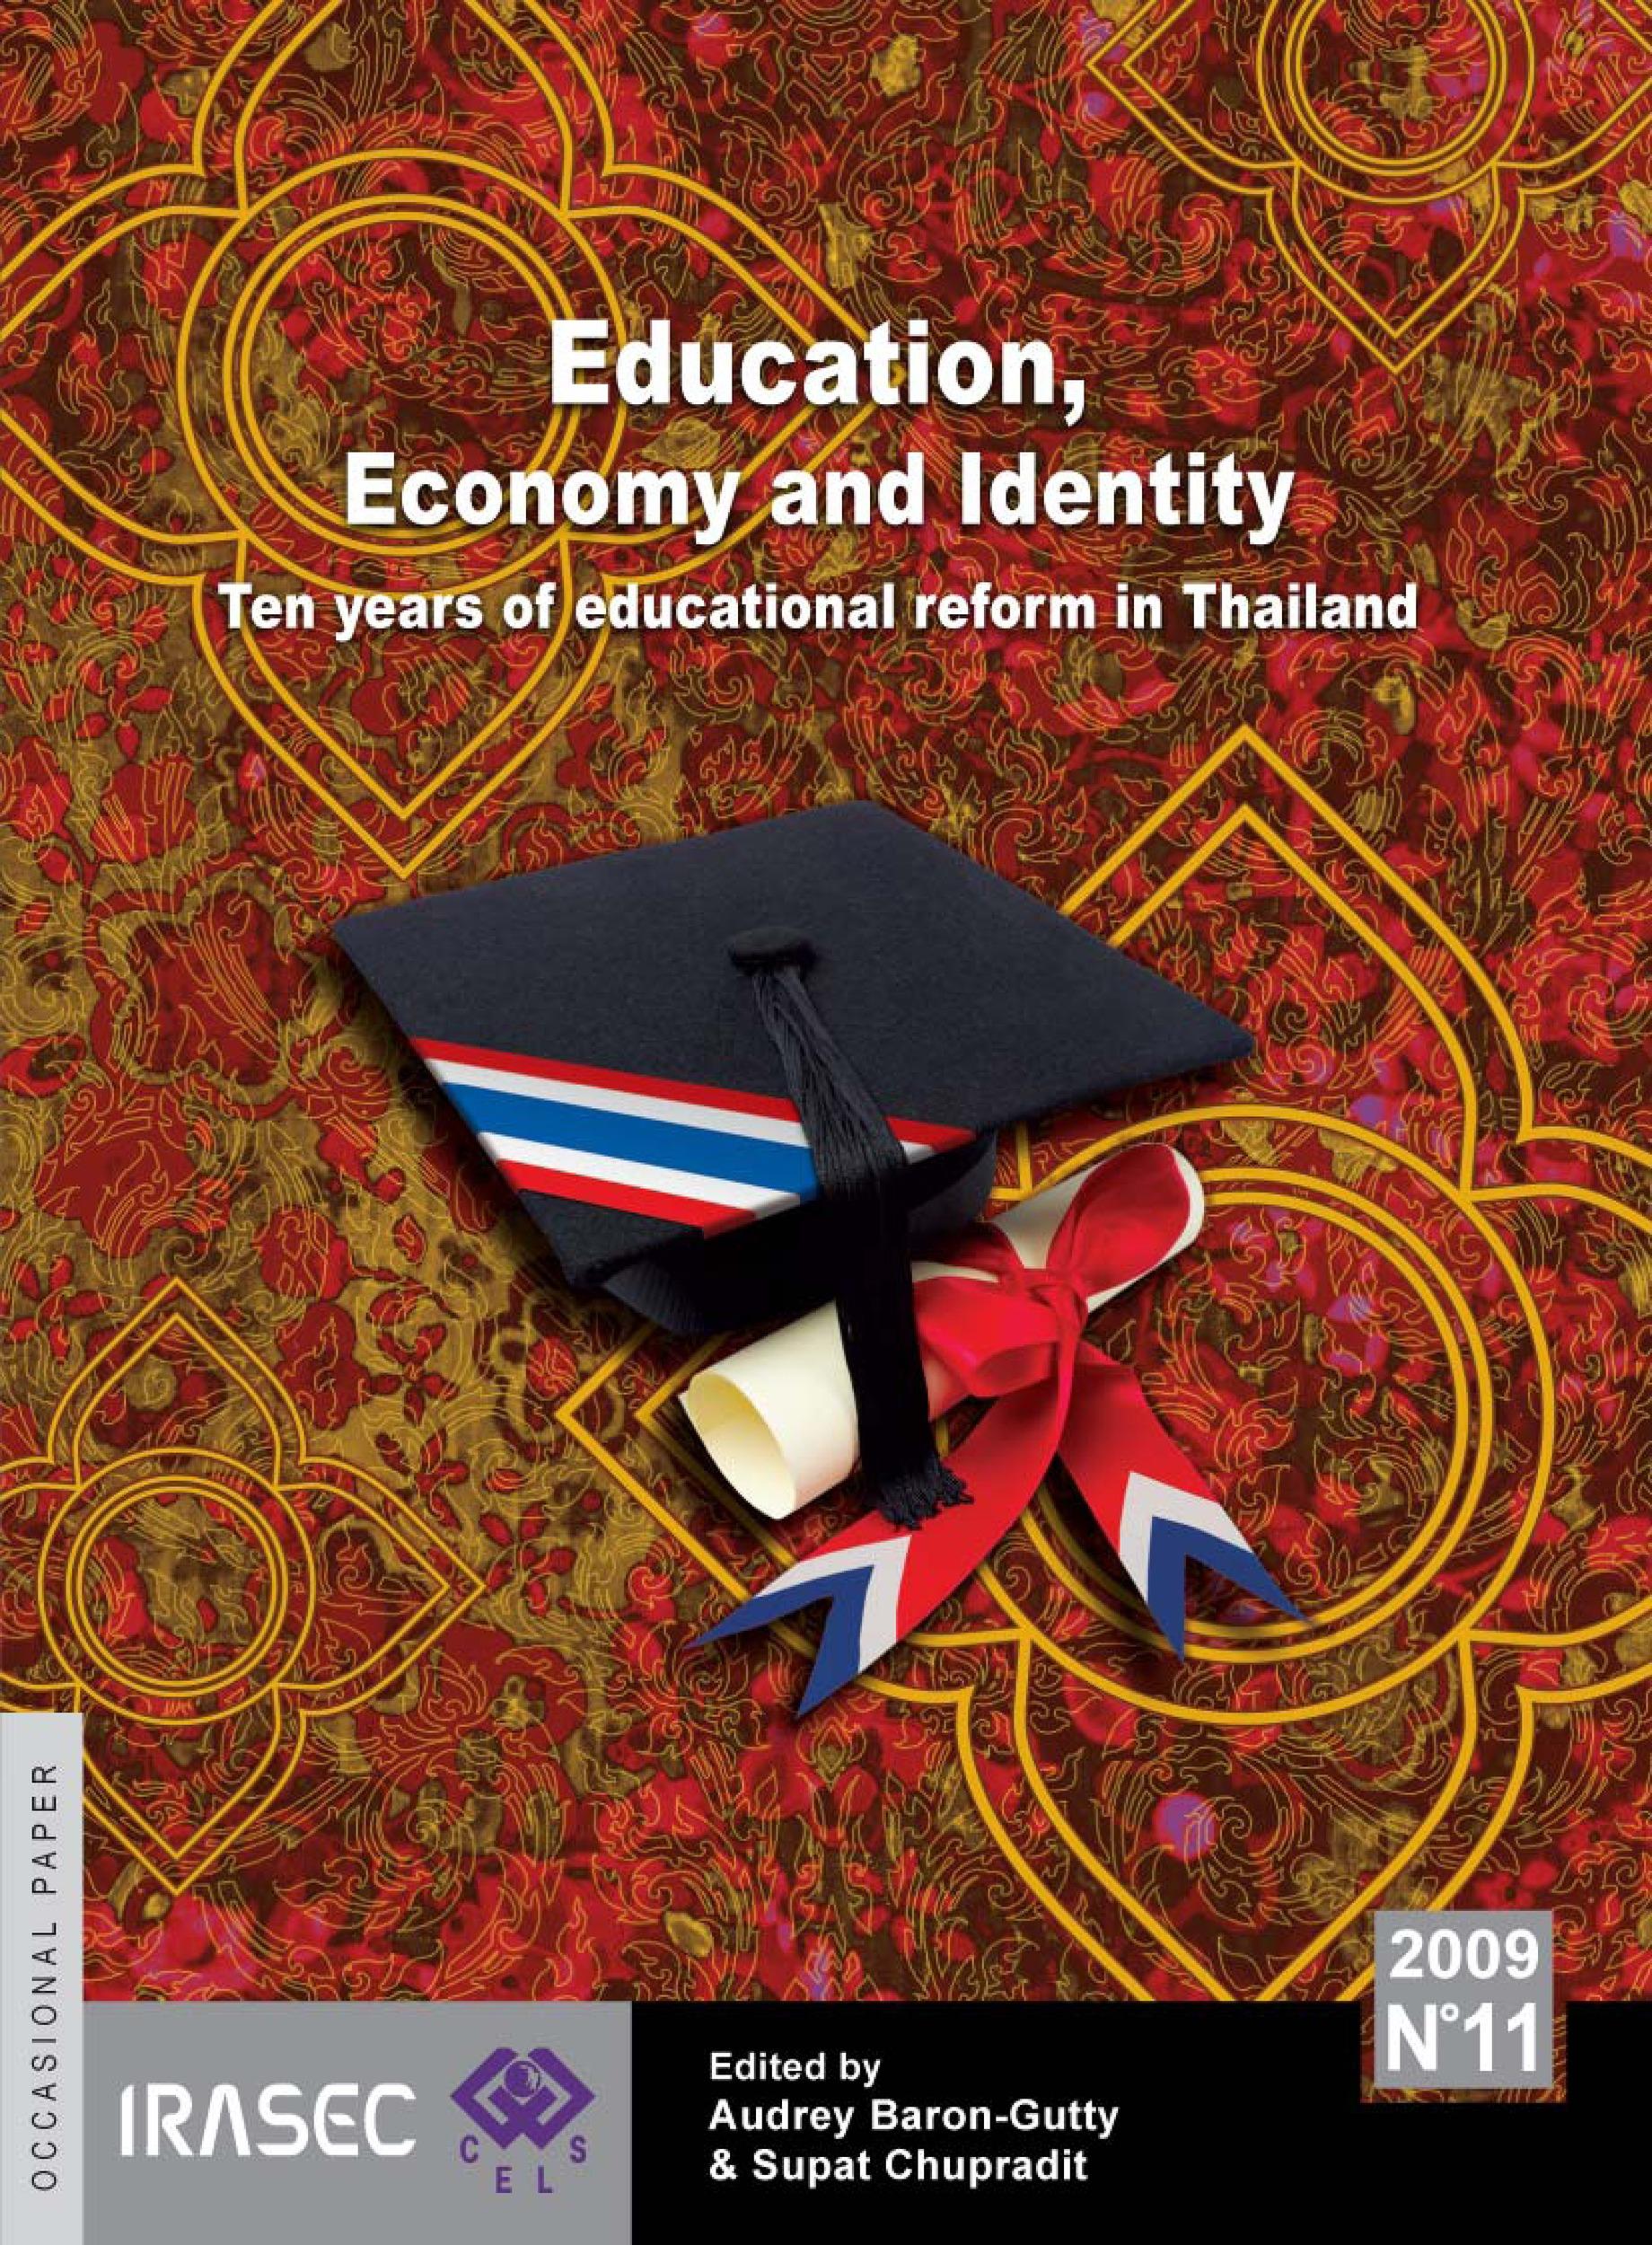 Education, Economy and Identity